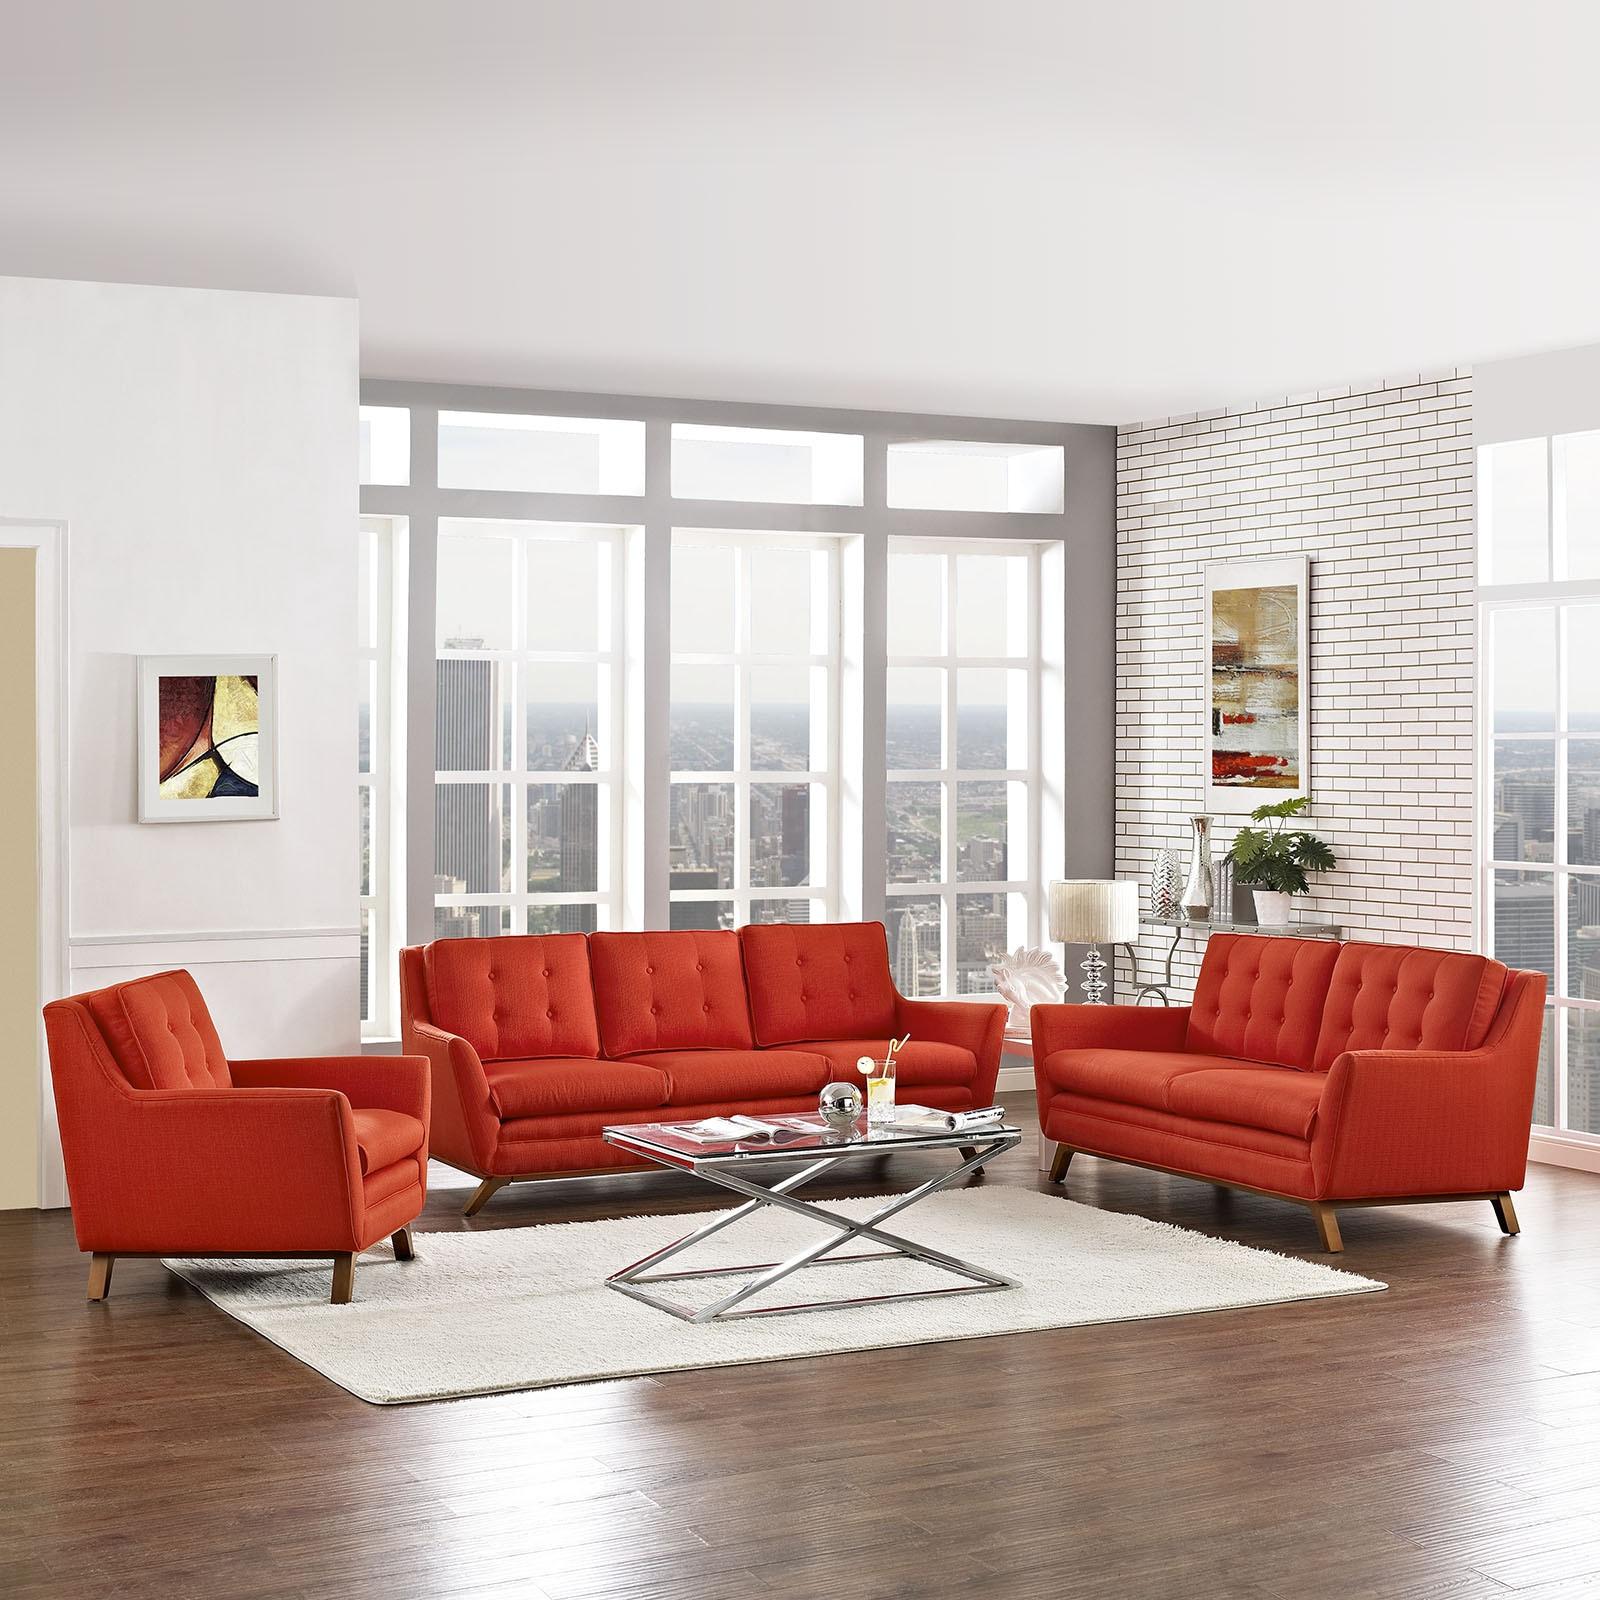 Shop Beguile Living Room Set Fabric Set